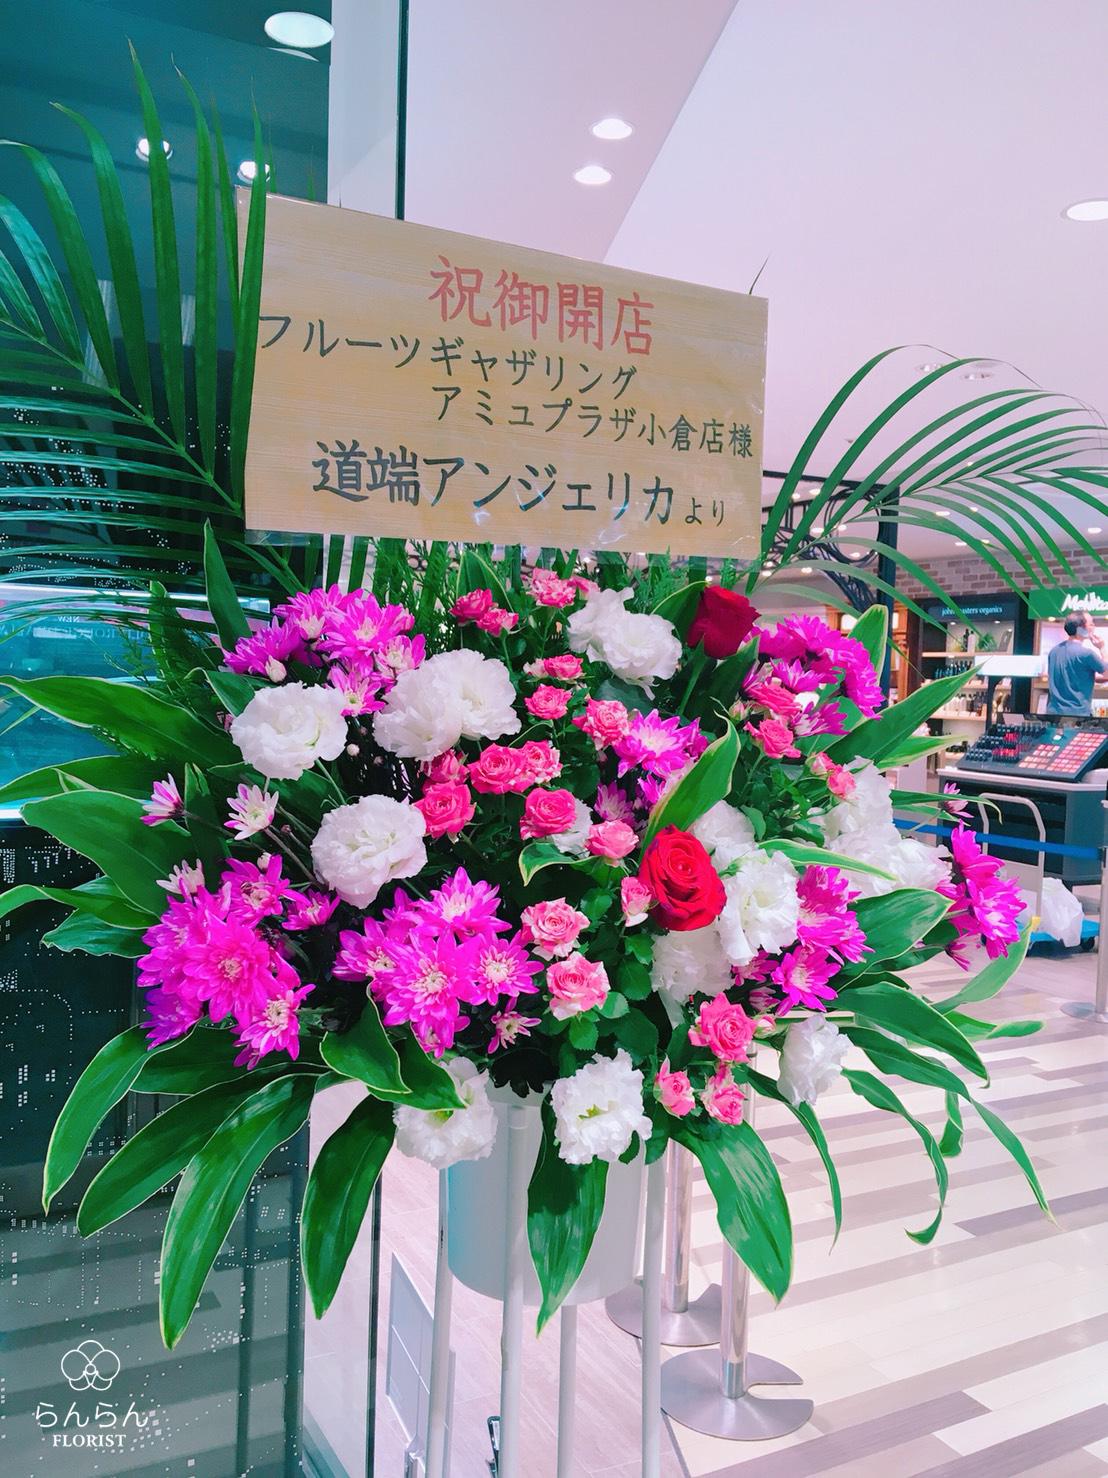 フルーツギャザリング アミュプラザ小倉店 お祝いスタンド花